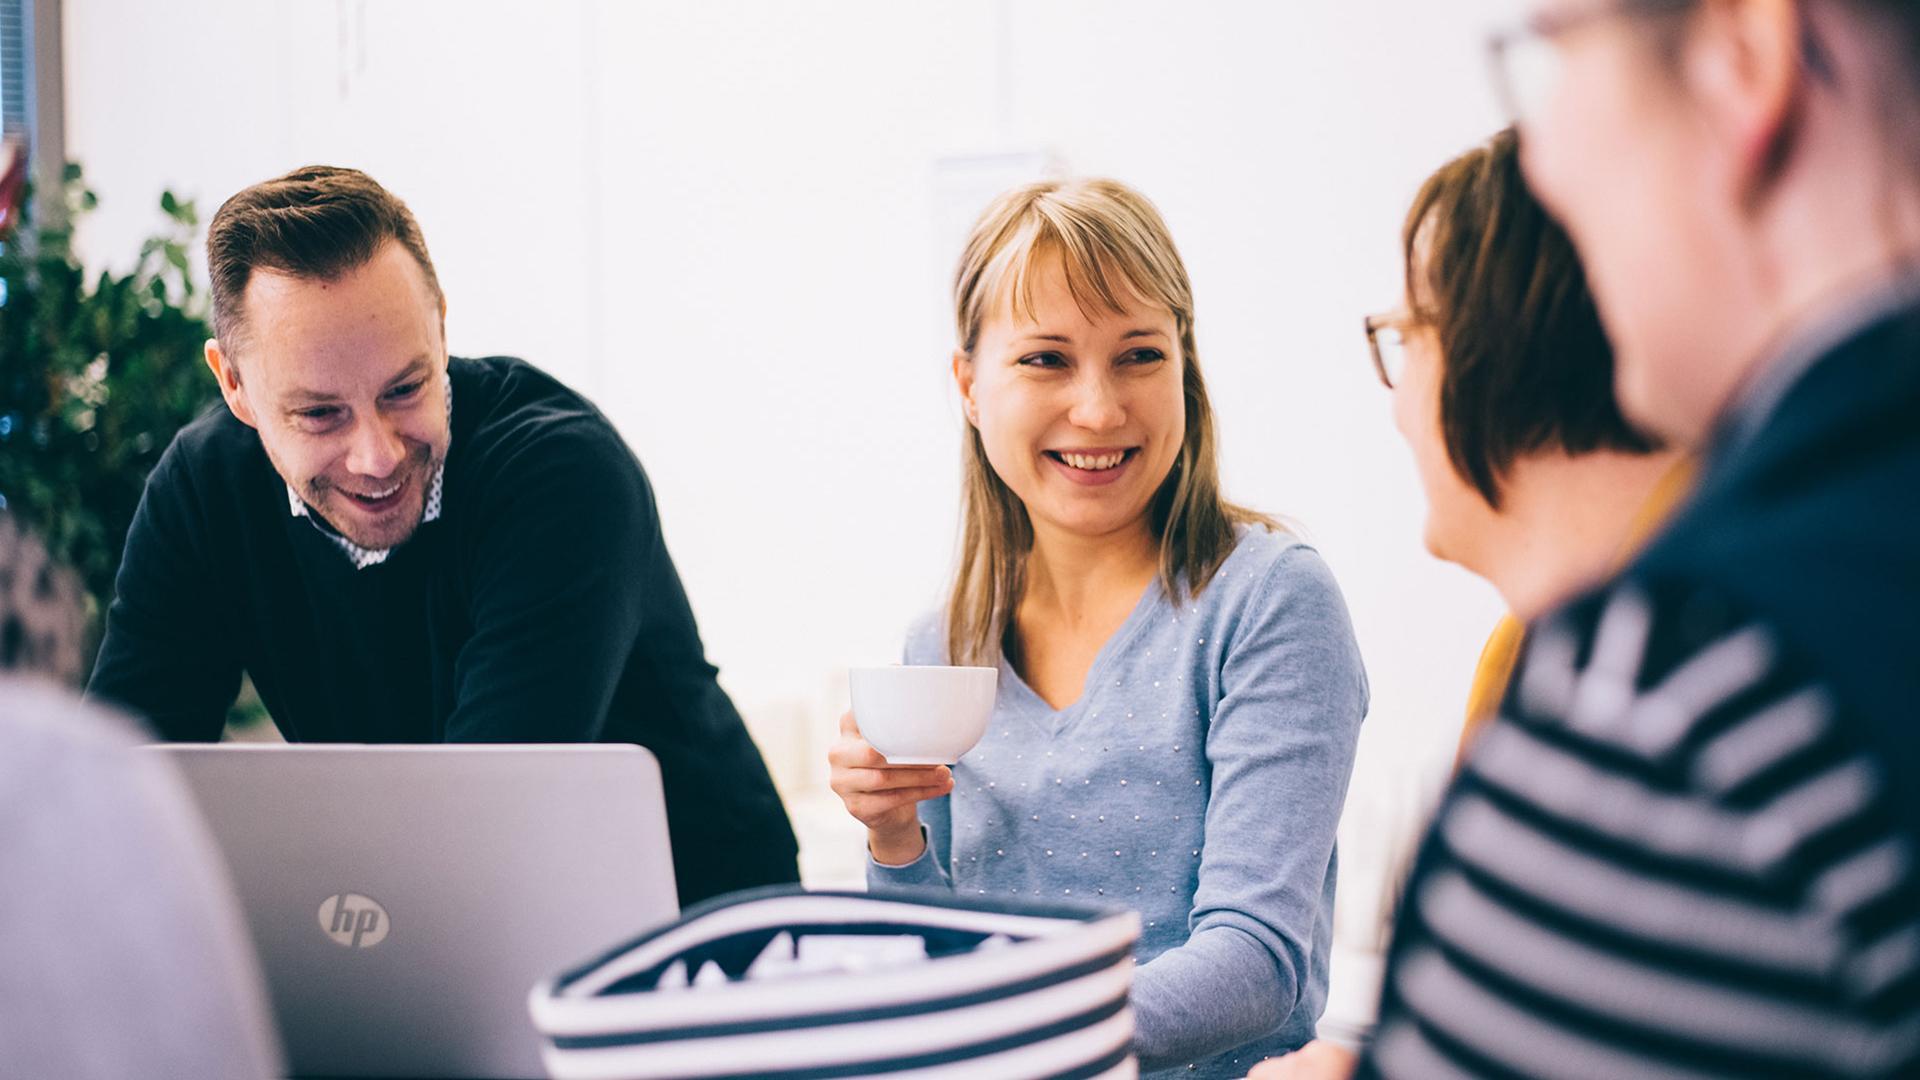 Neljä ihmistä keskustelee pöydän ympärillä kahvilla, pöydällä kannettava tietokone.